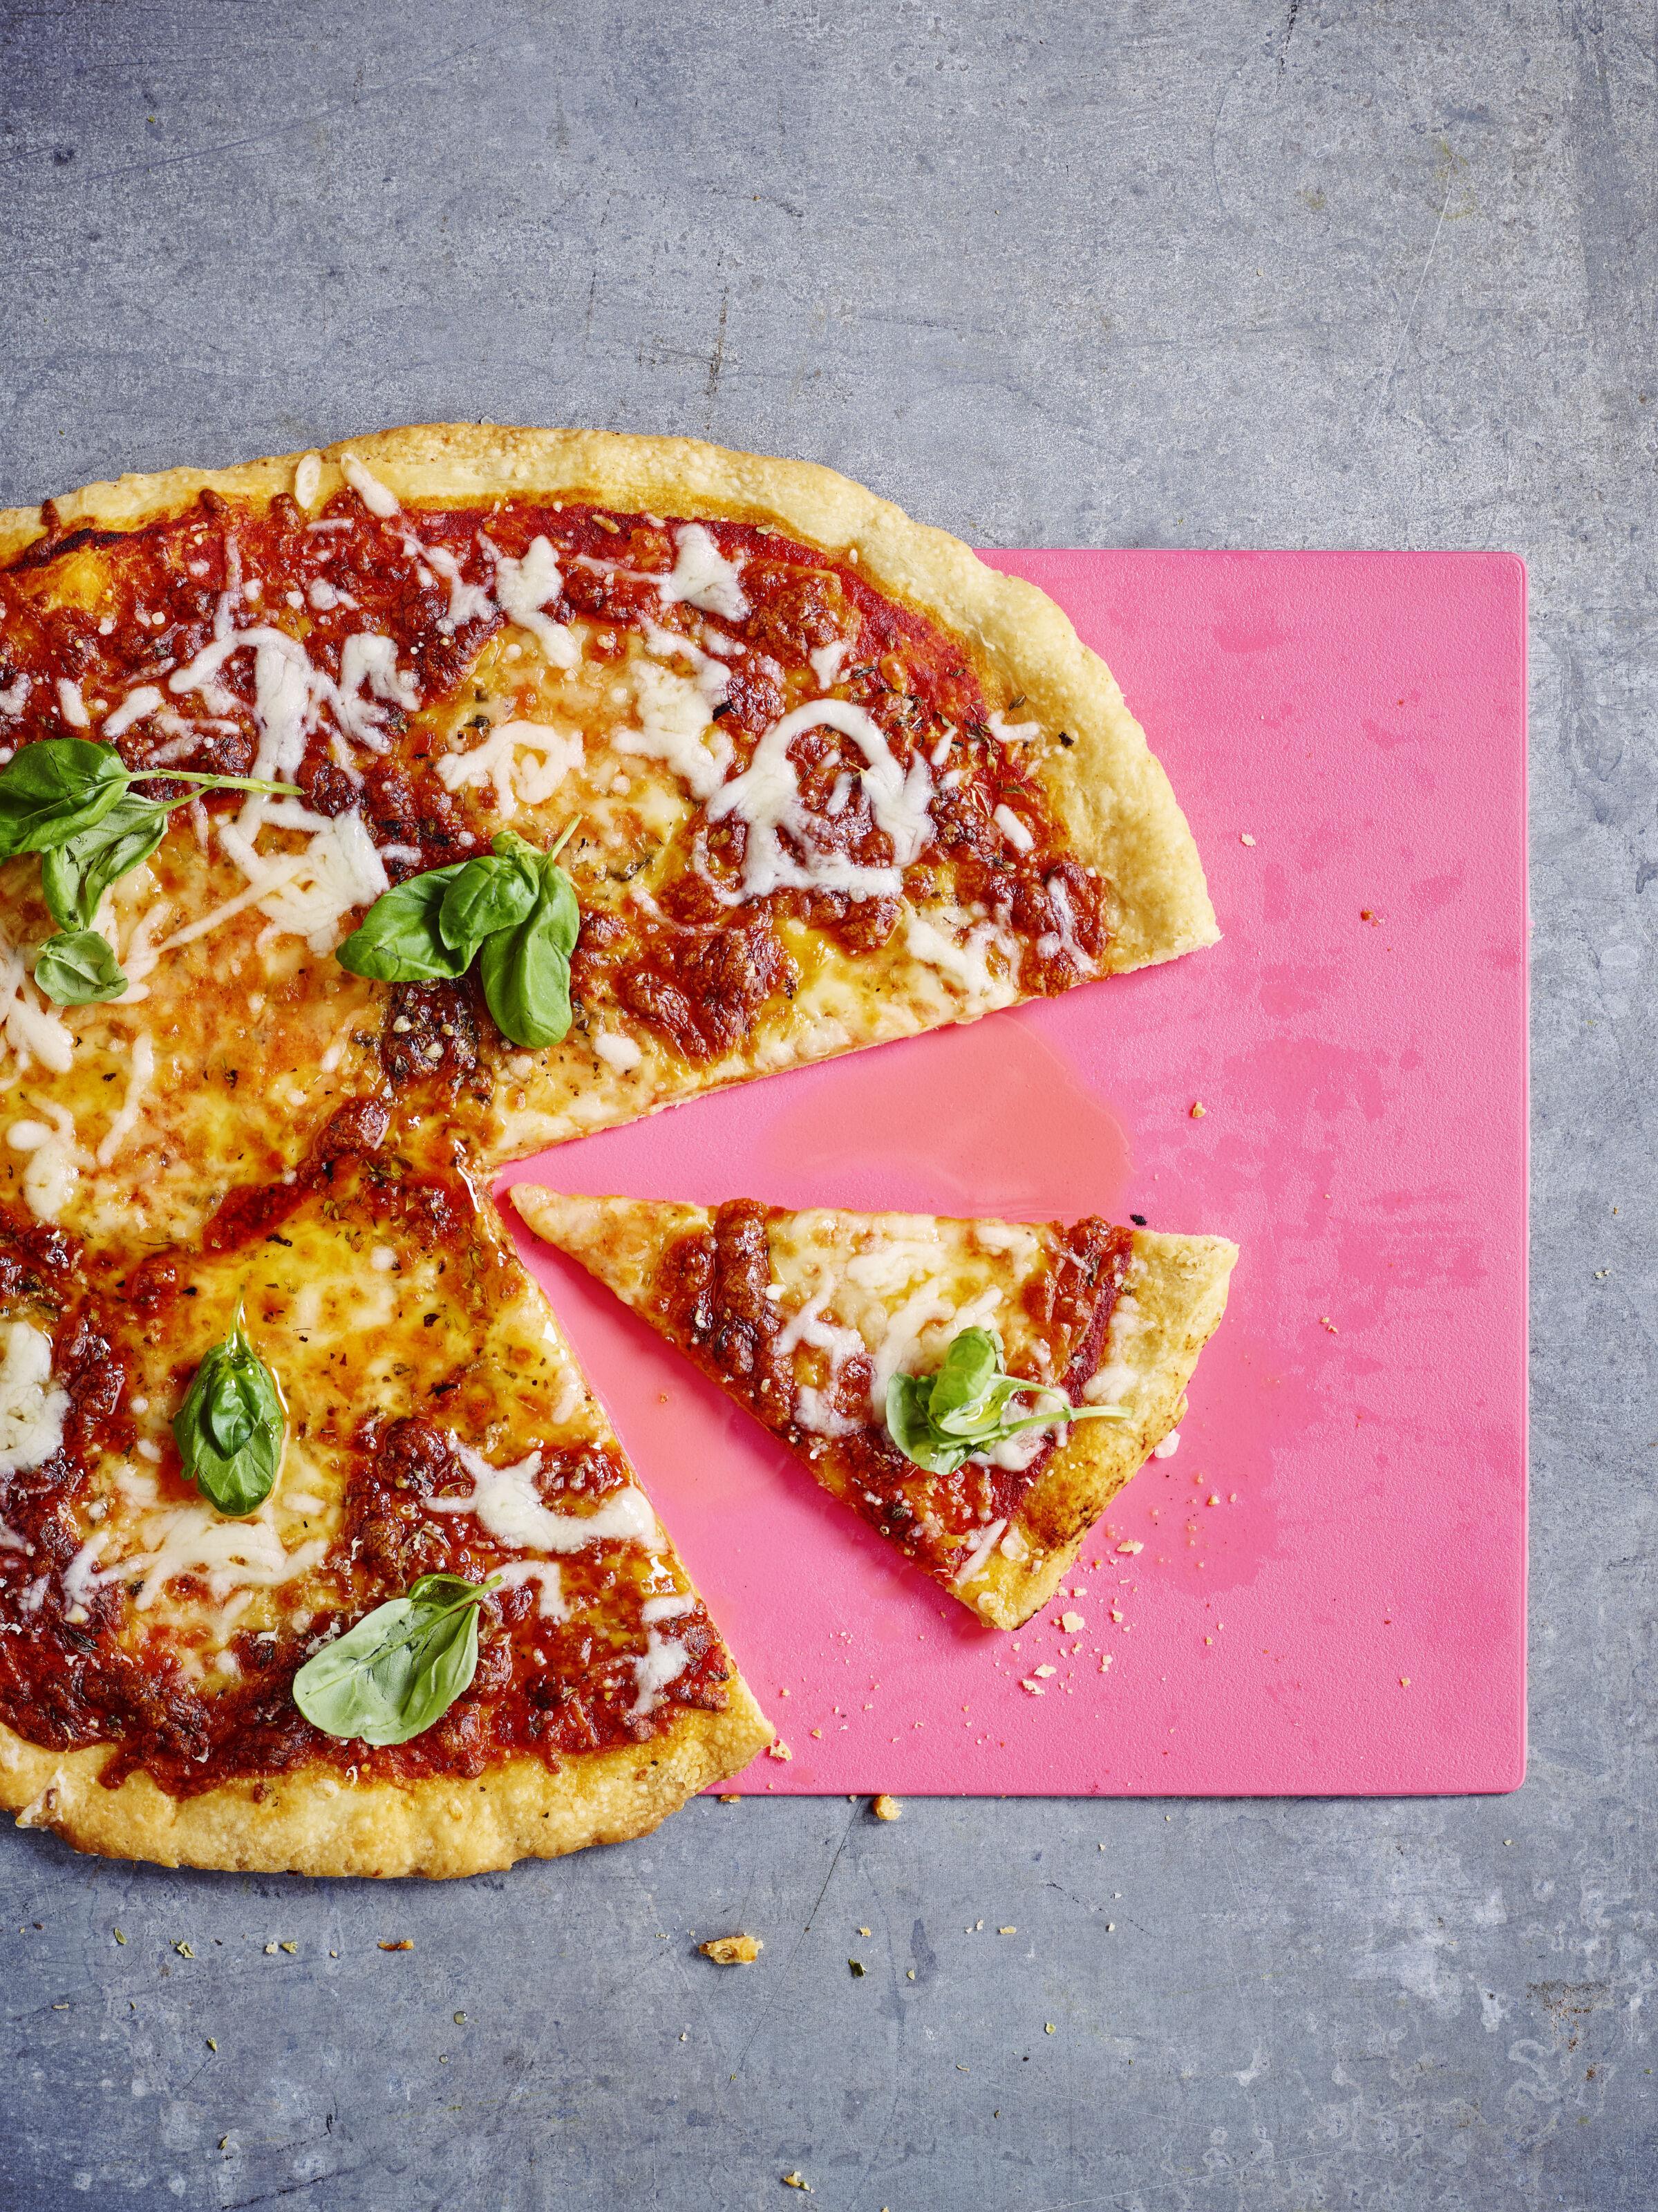 SOFIE DUMONT 22-01 pizza margharita 144556